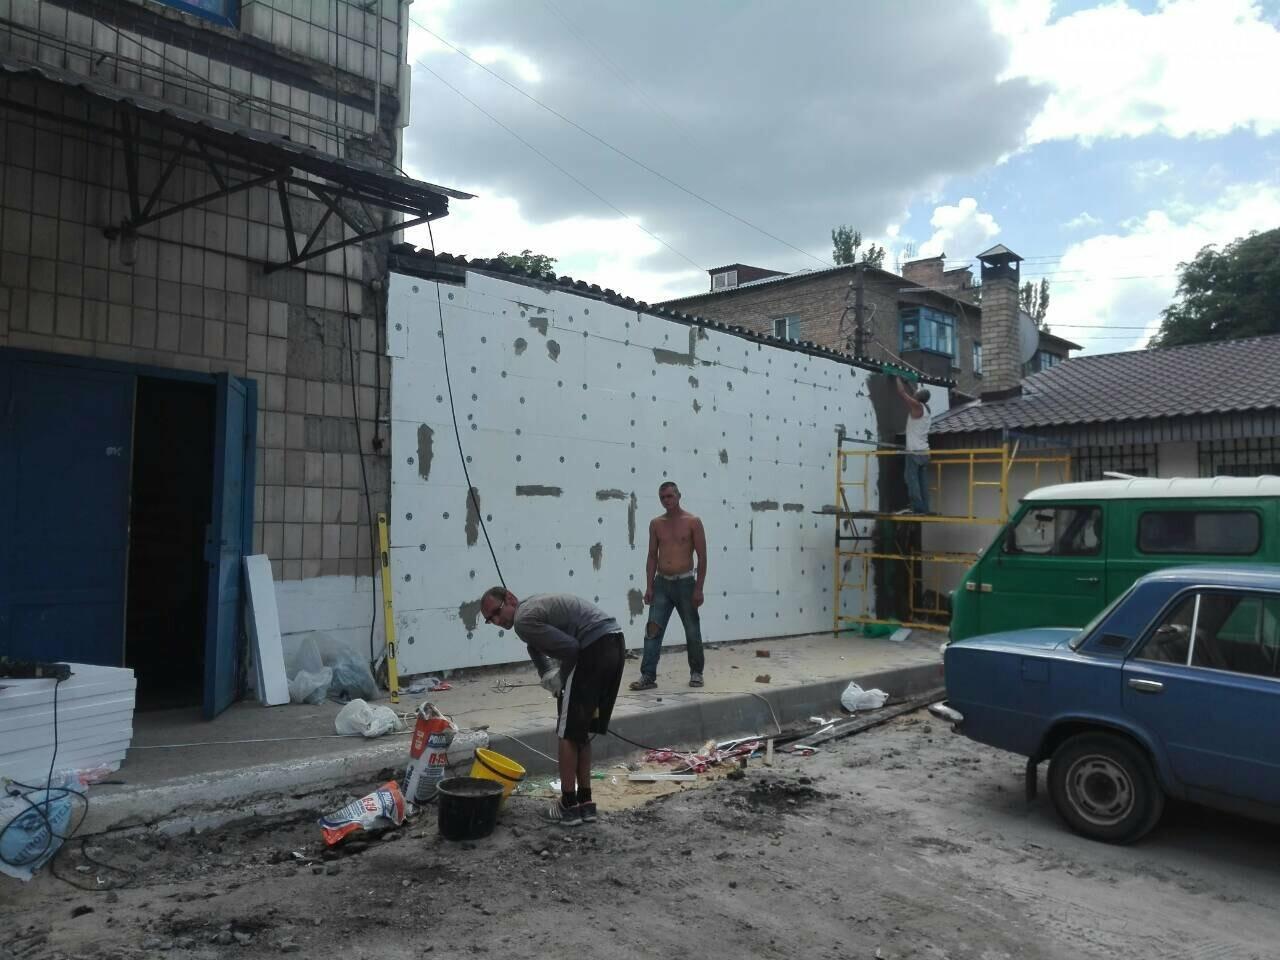 Еко-маркет та Дім доргівлі змінють фасад (Фотозвіт), фото-3